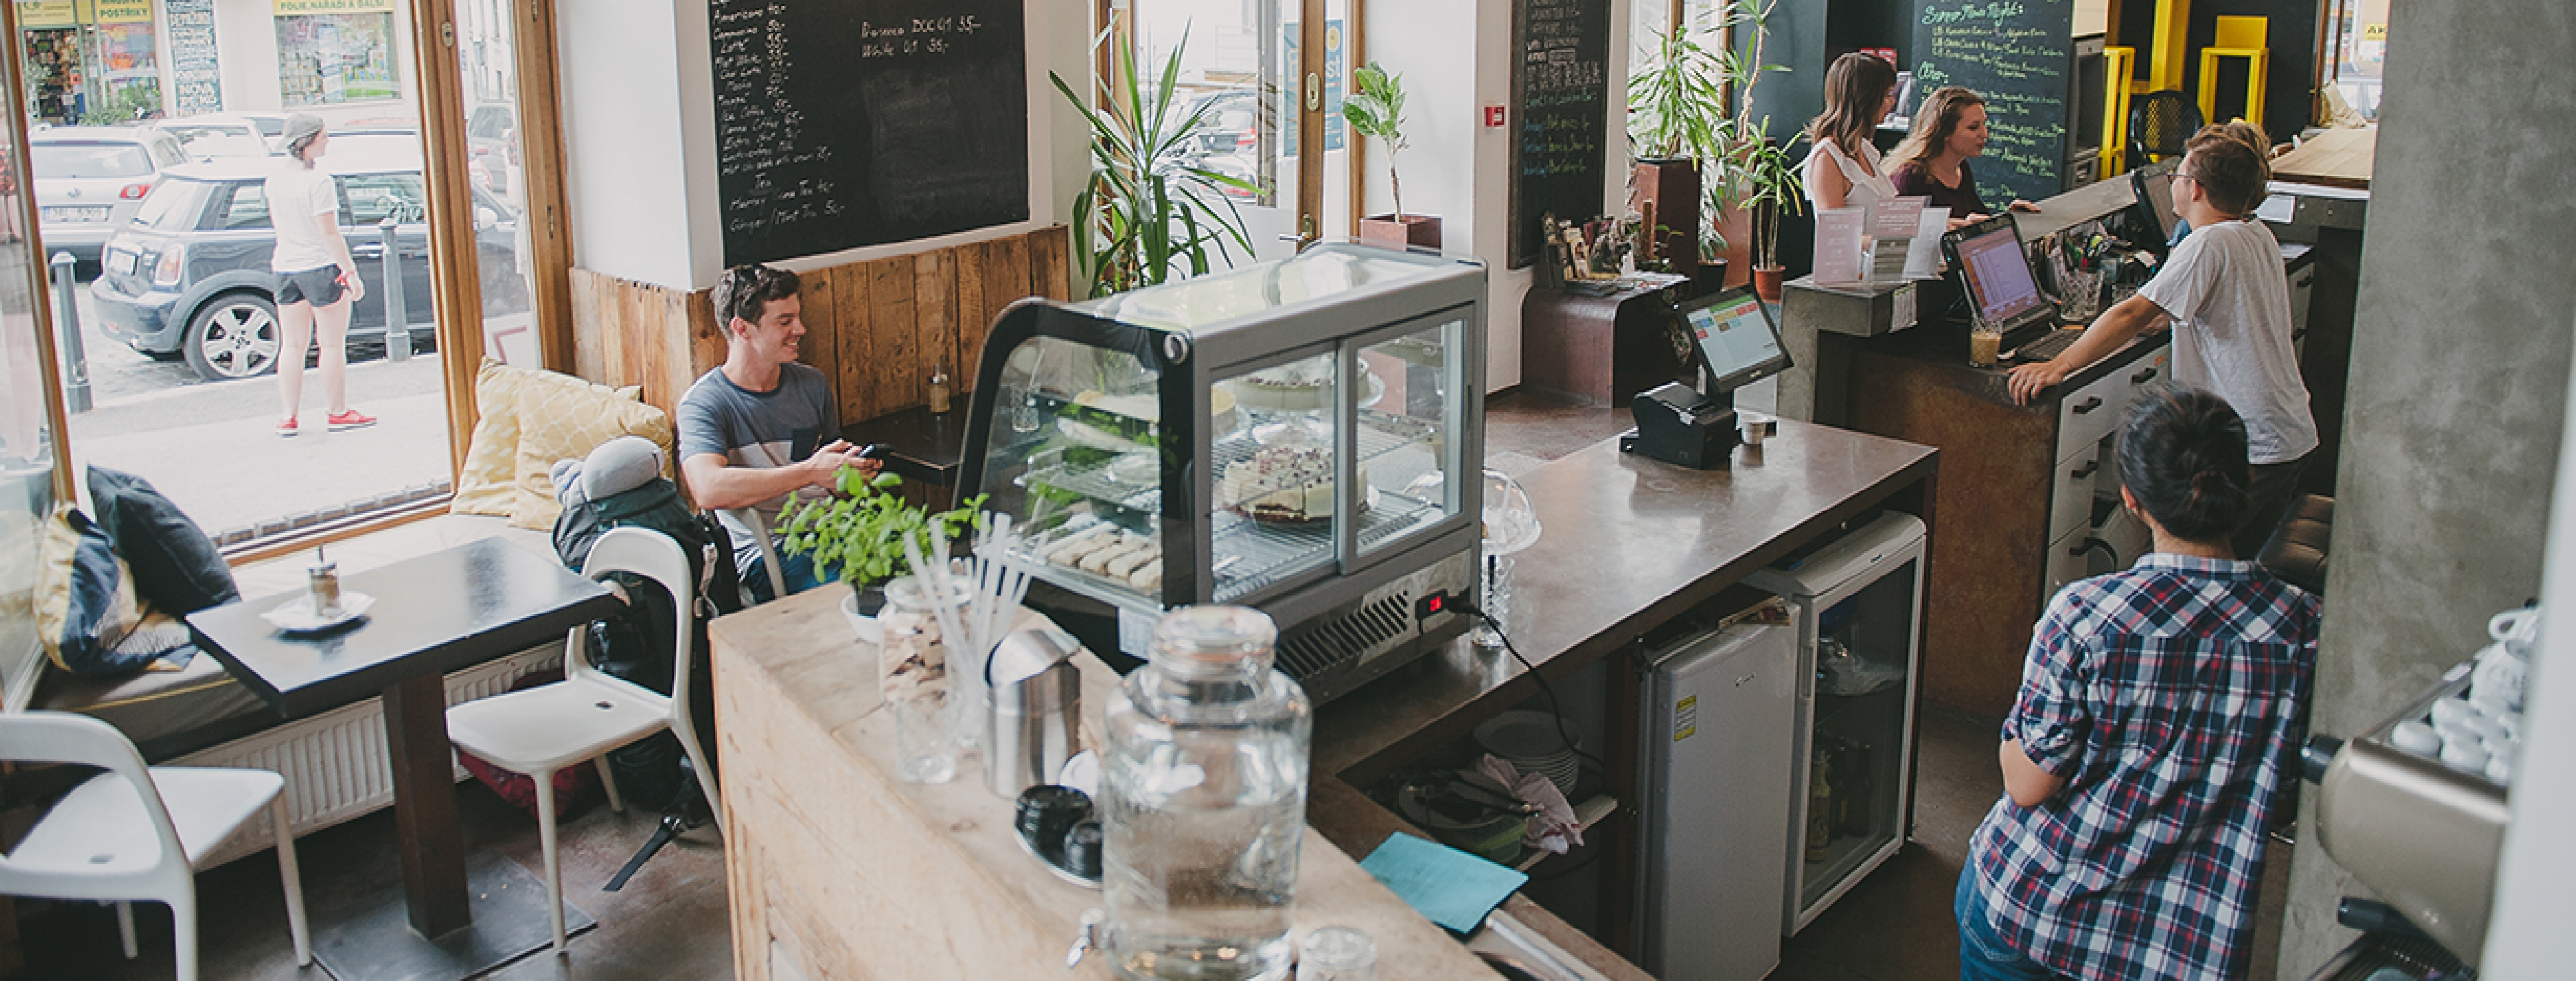 czech_inn_hostel_prague_reception_area_and_cafe_5_1300x495